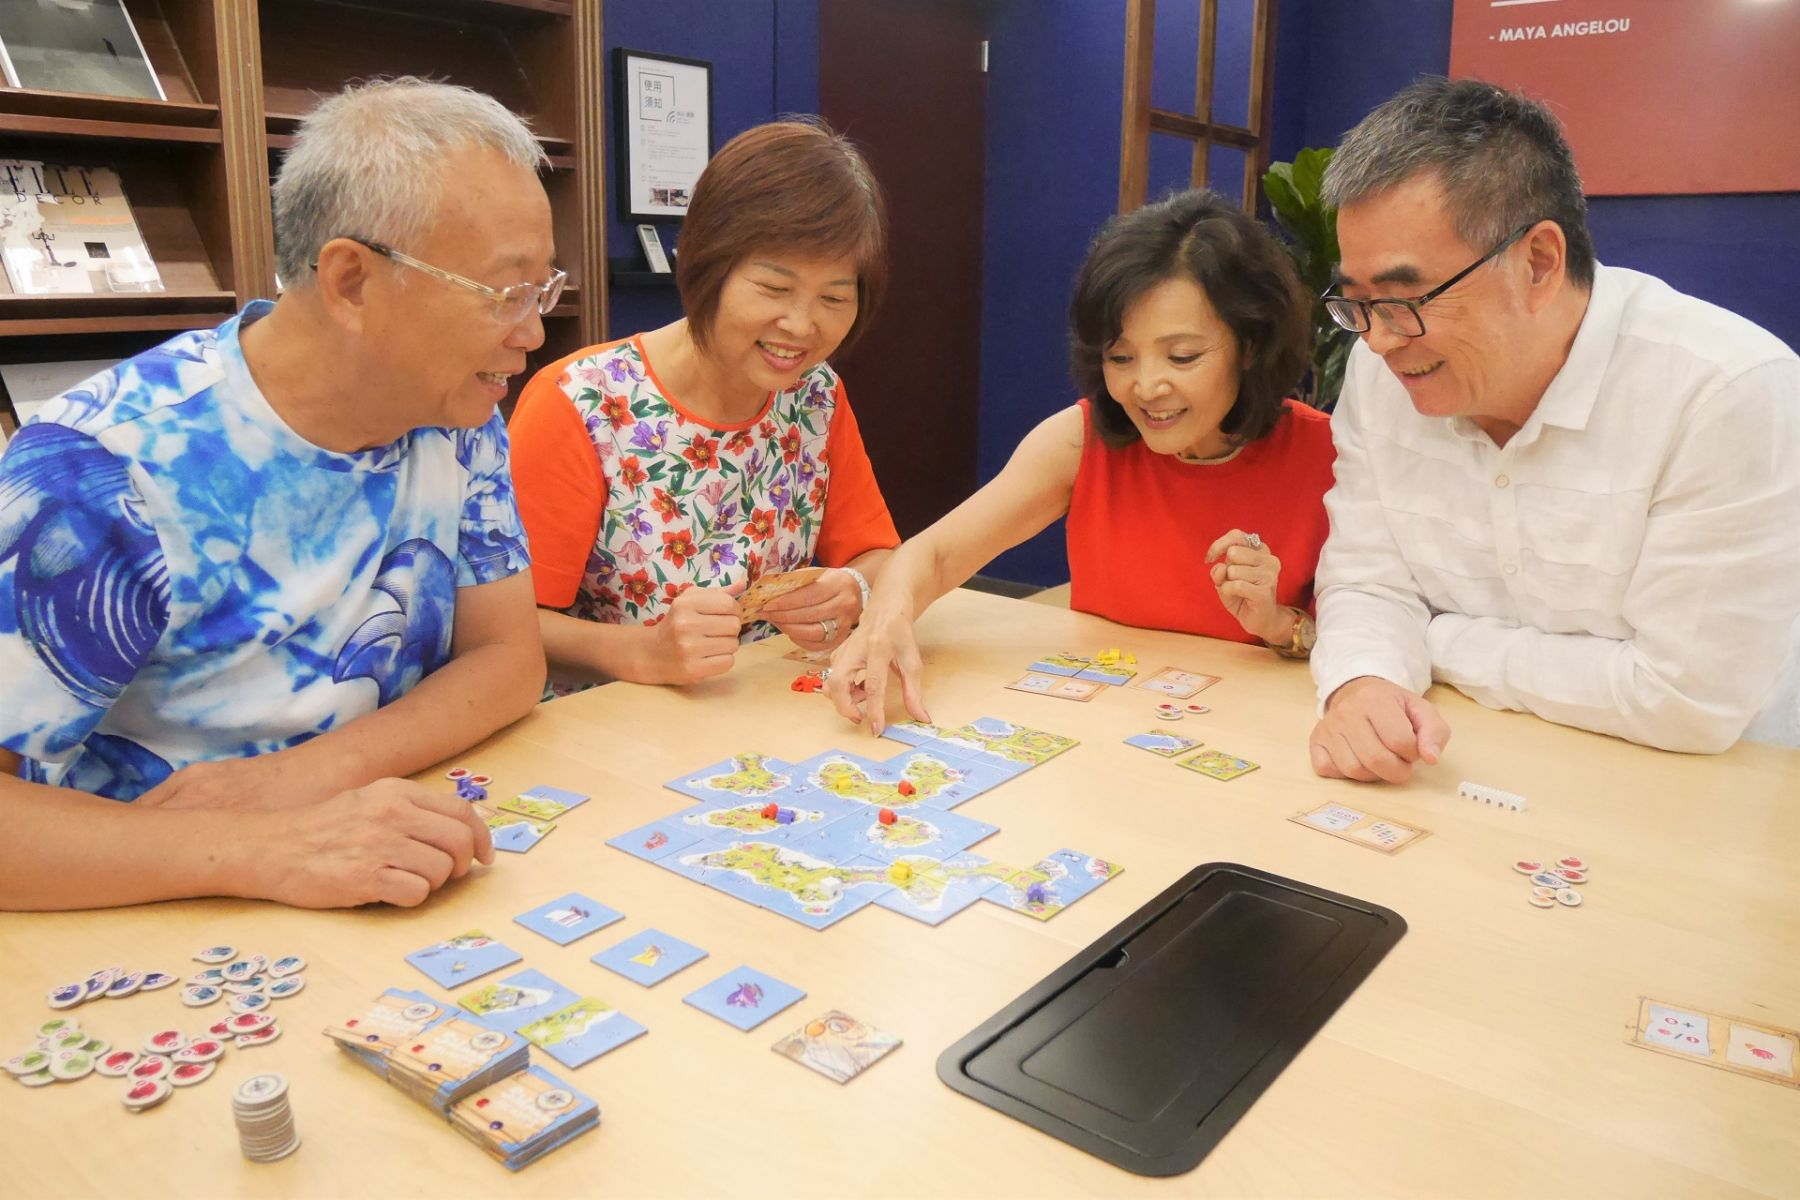 活化腦力、增加人際互動 桌遊設計師推薦三款祖孫同樂的遊戲